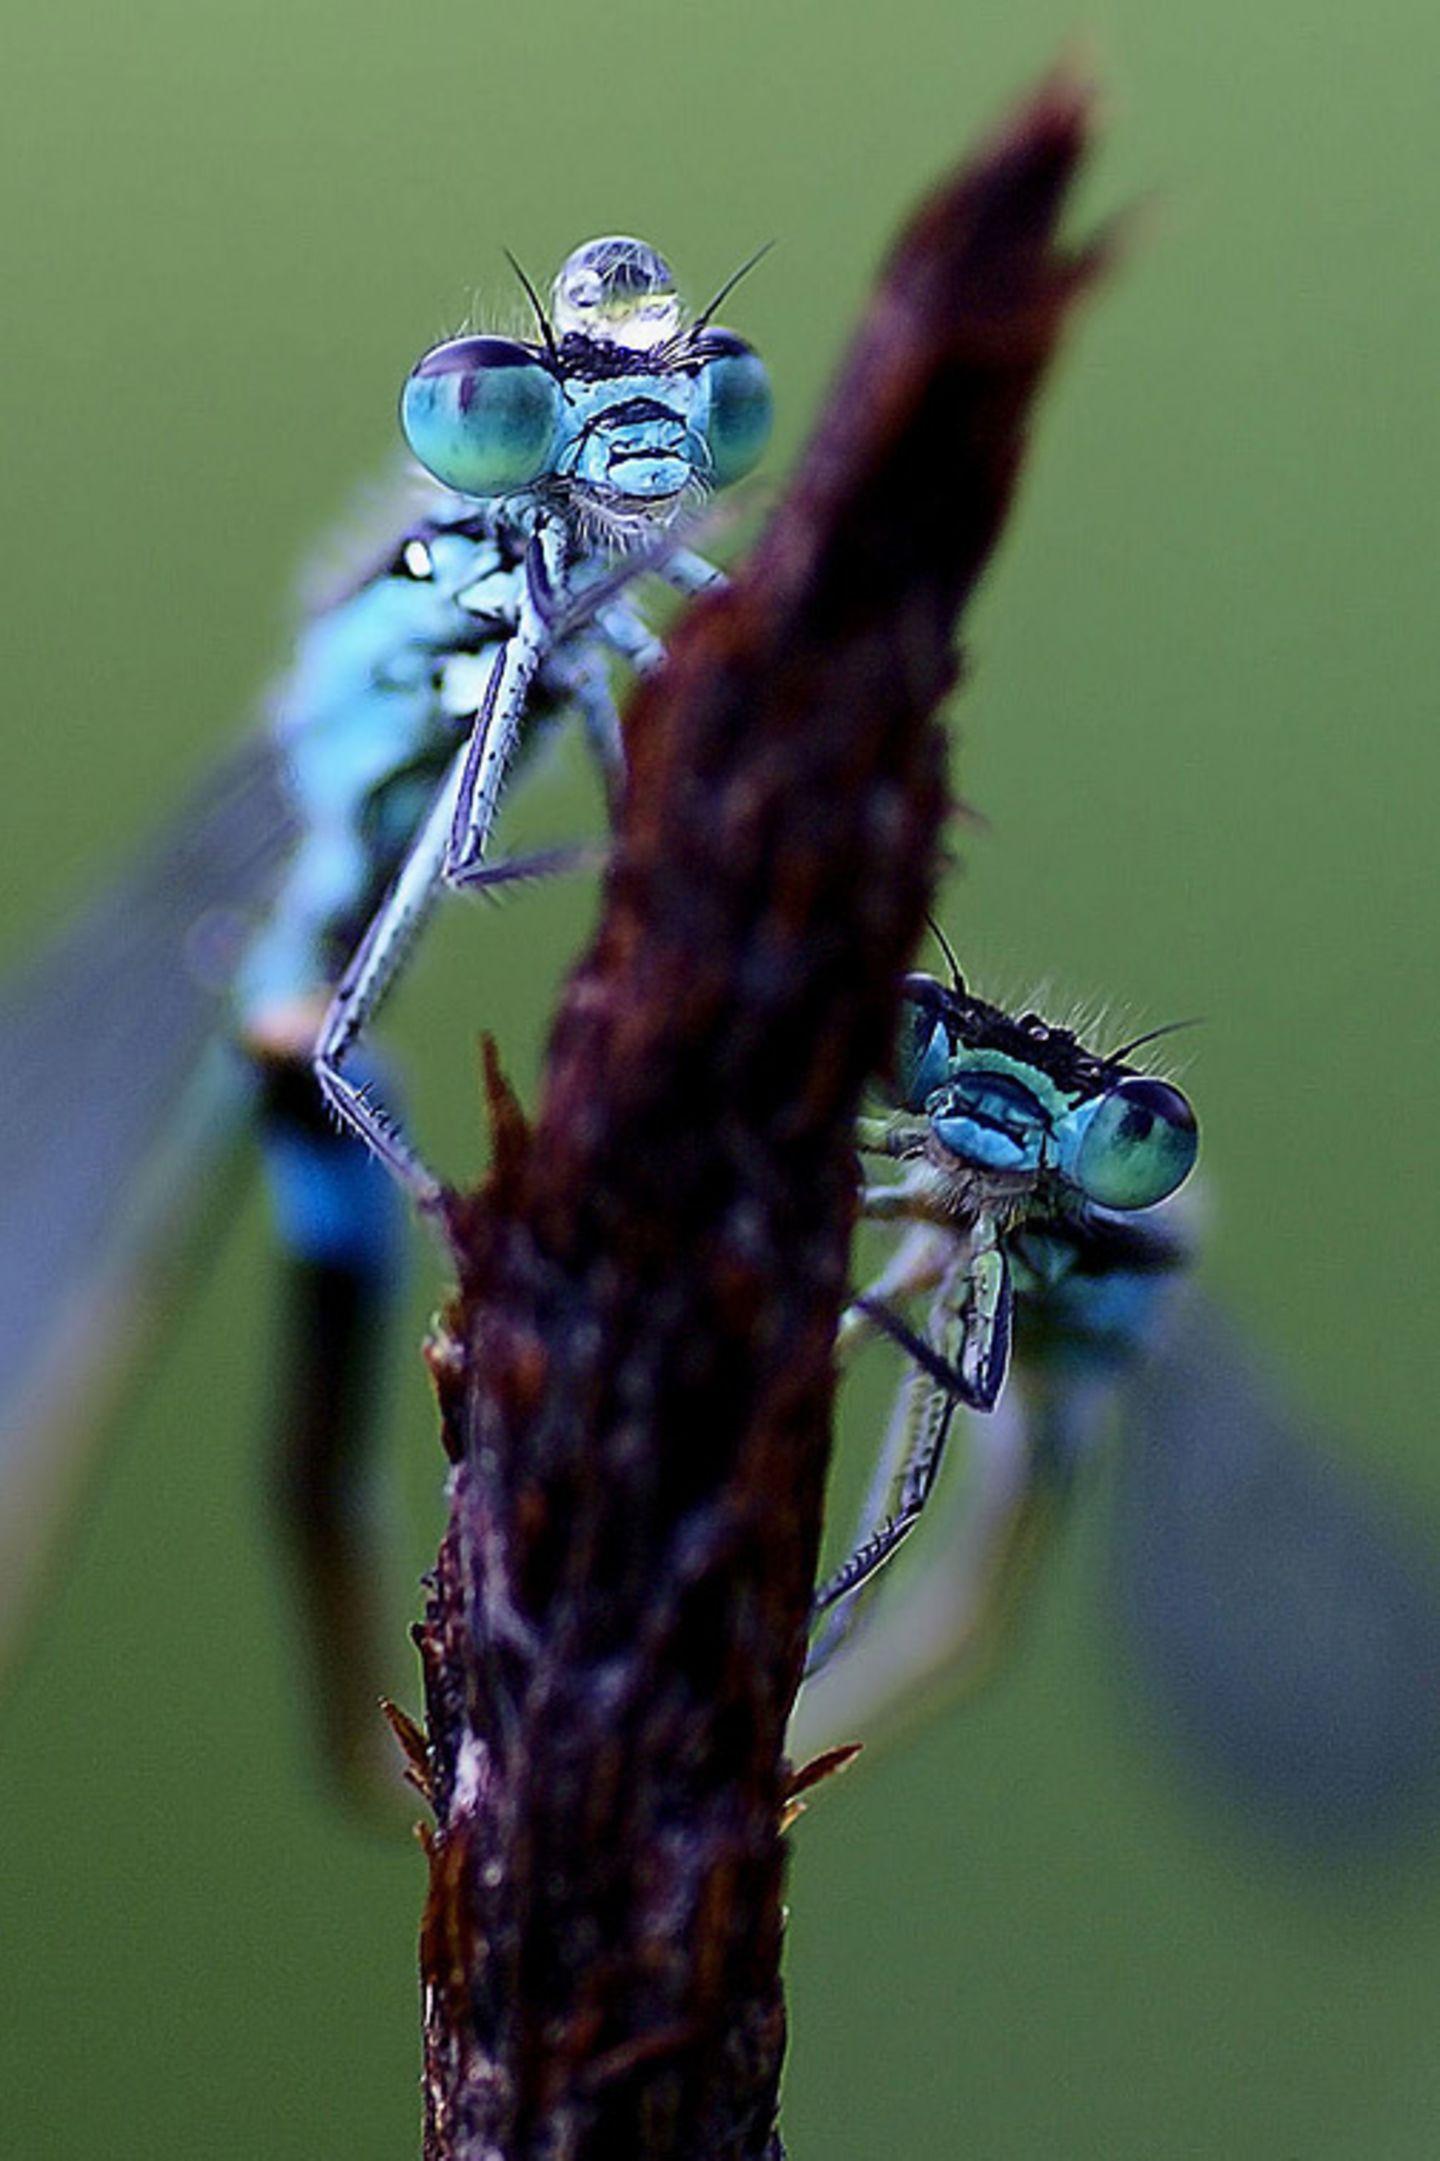 Fotogalerie: Biologische Vielfalt - Bild 4